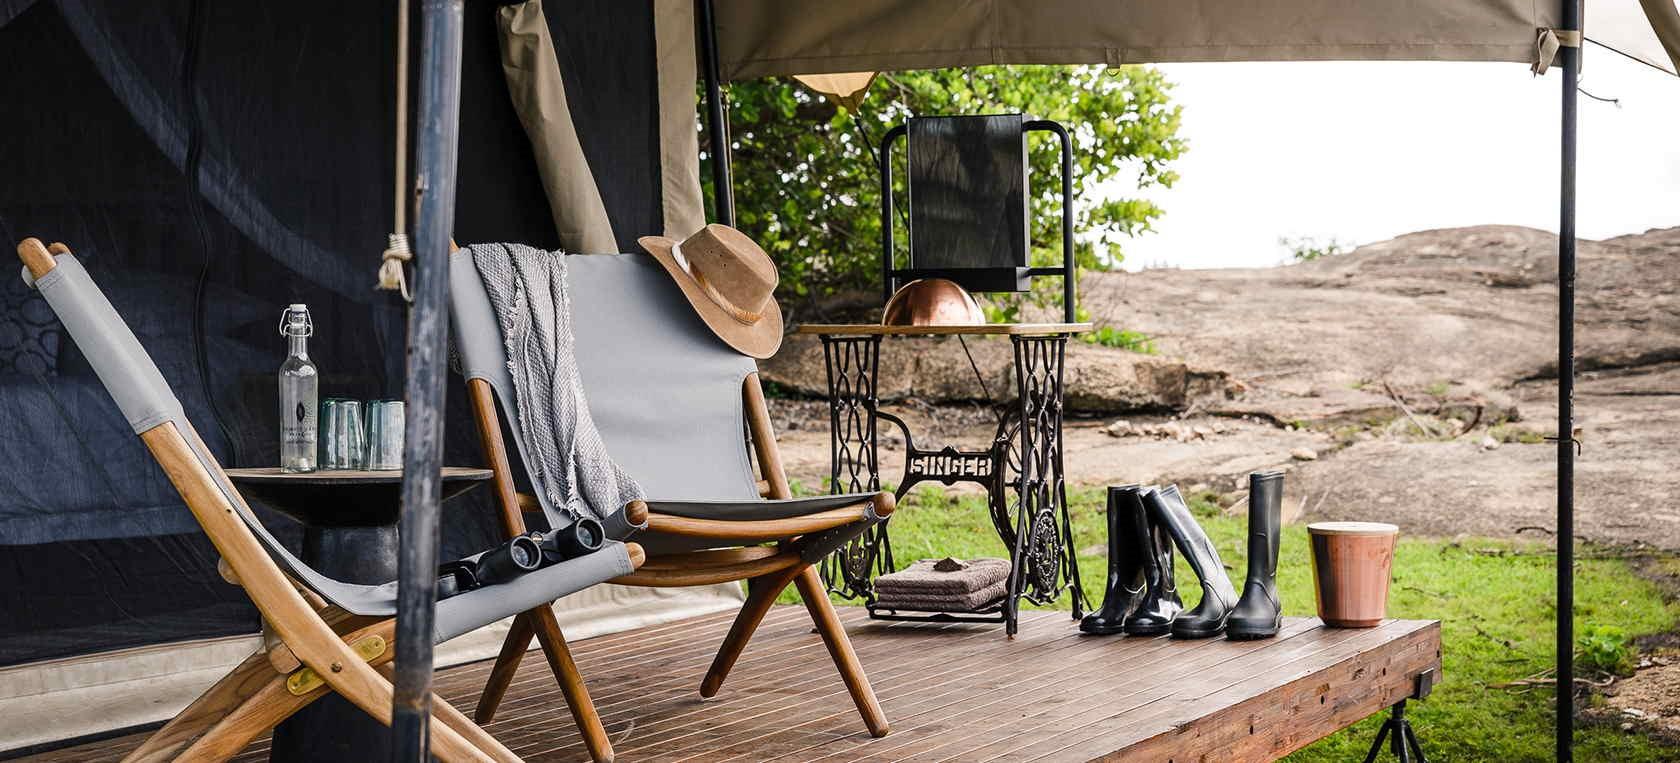 sanctuary-kichakani-serengeti-camp-honeymoon